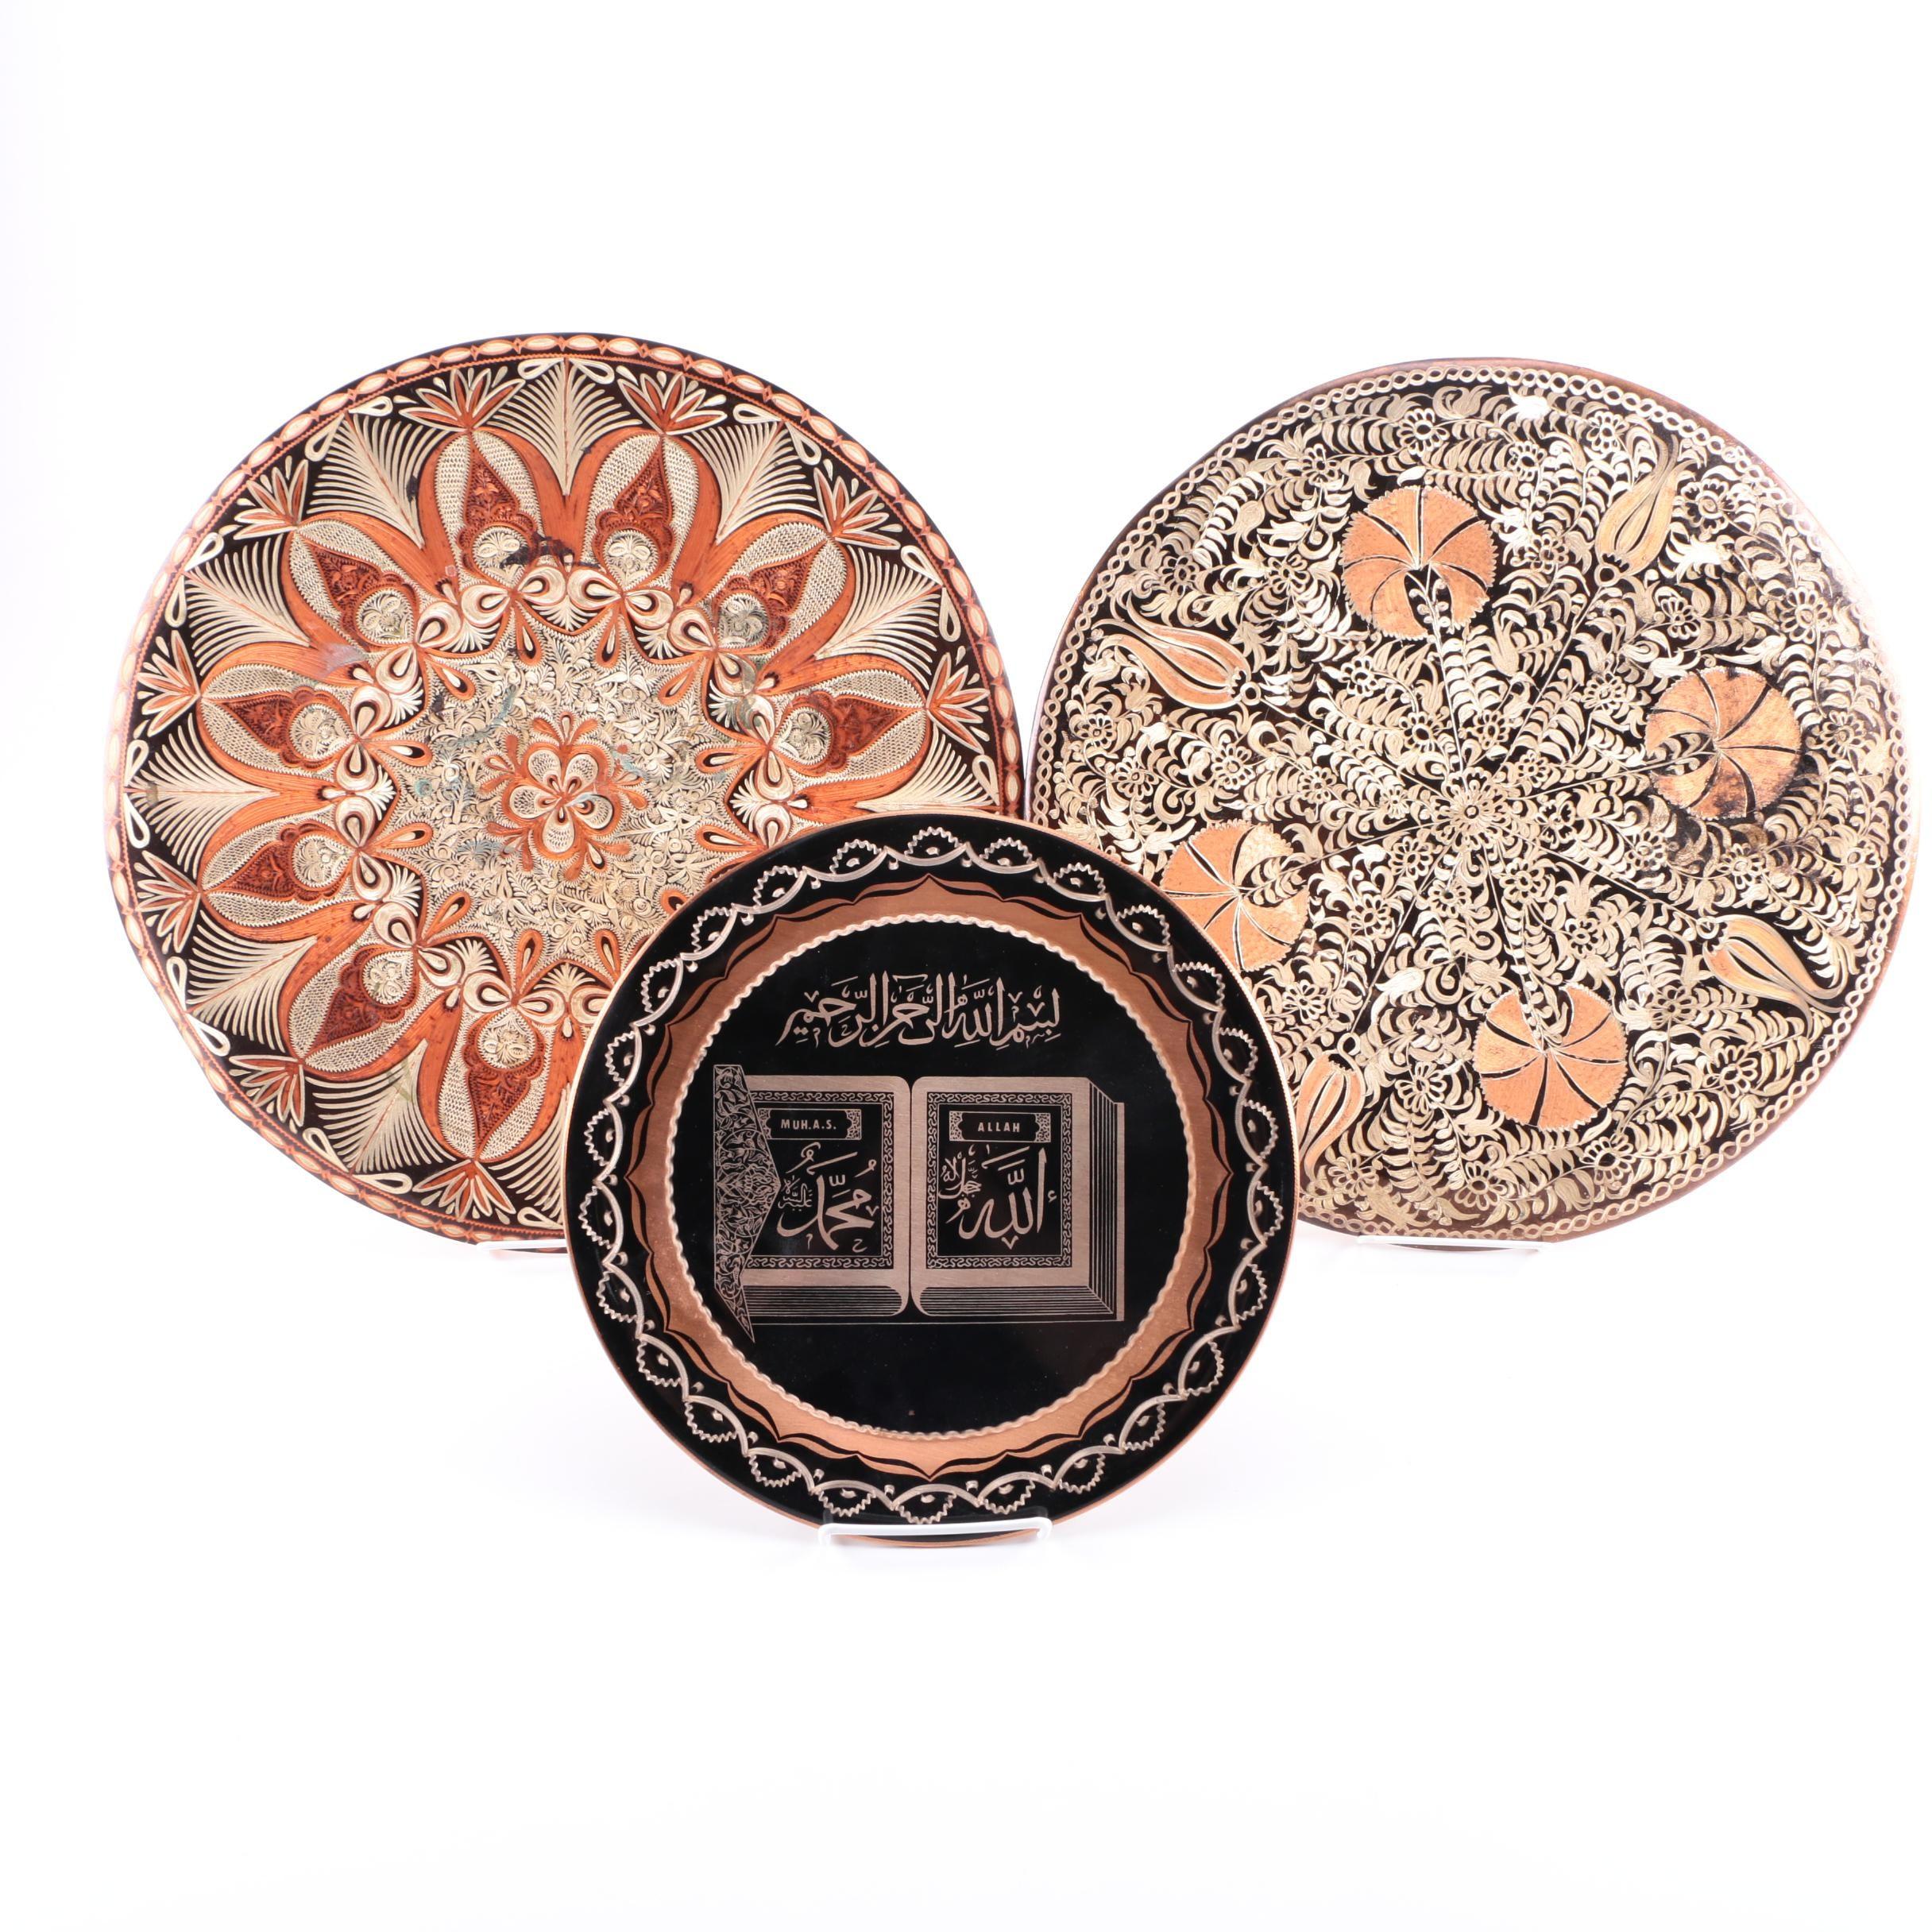 Three Decorative Copper Plates ...  sc 1 st  EBTH.com & Three Decorative Copper Plates : EBTH